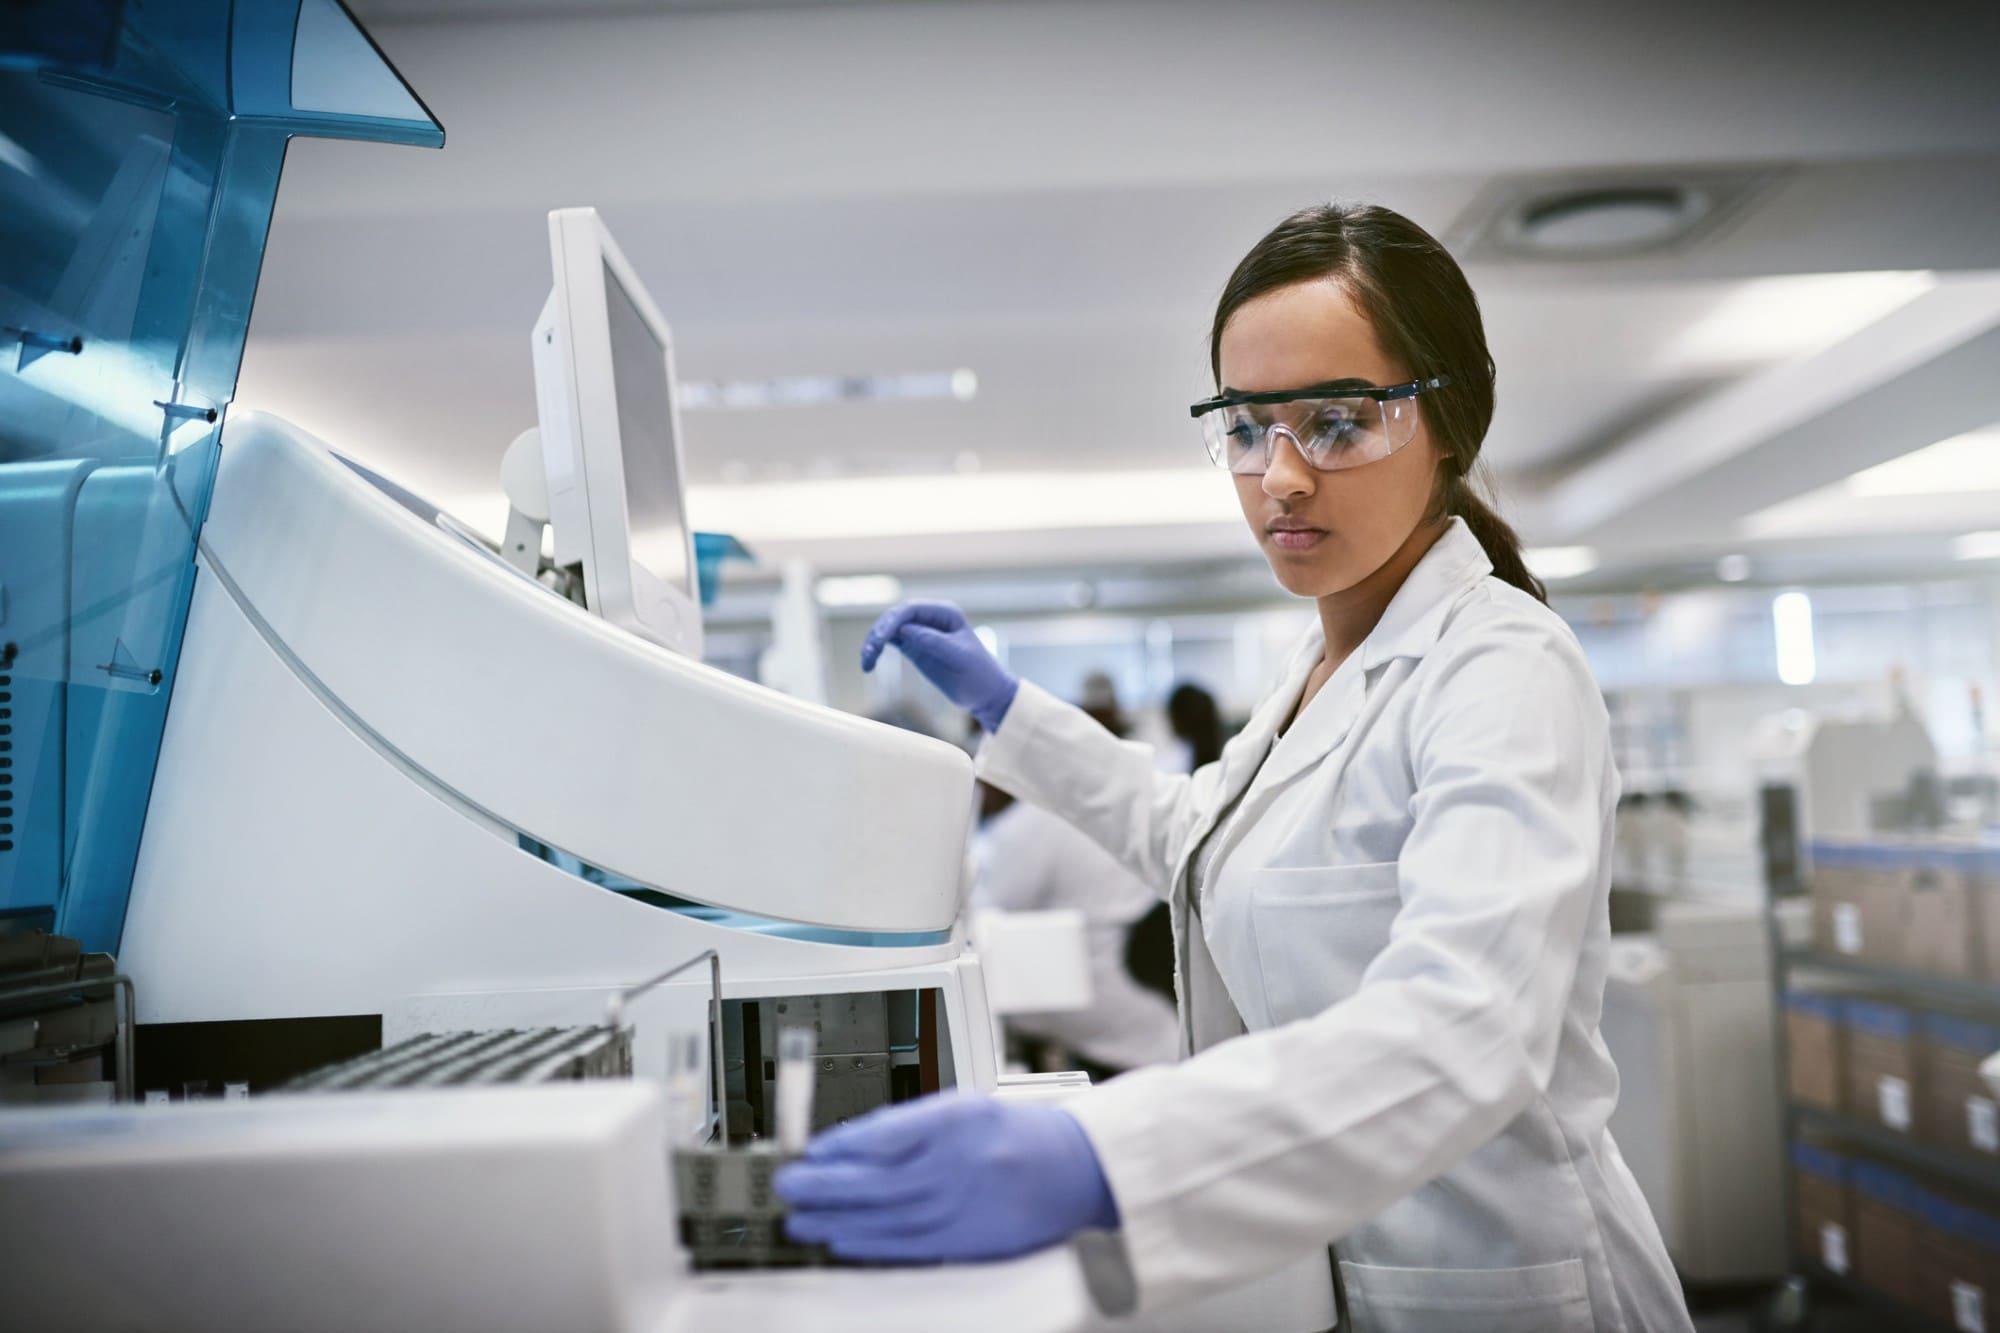 Como a gestão de equipamentos pode melhorar os resultados da clínica